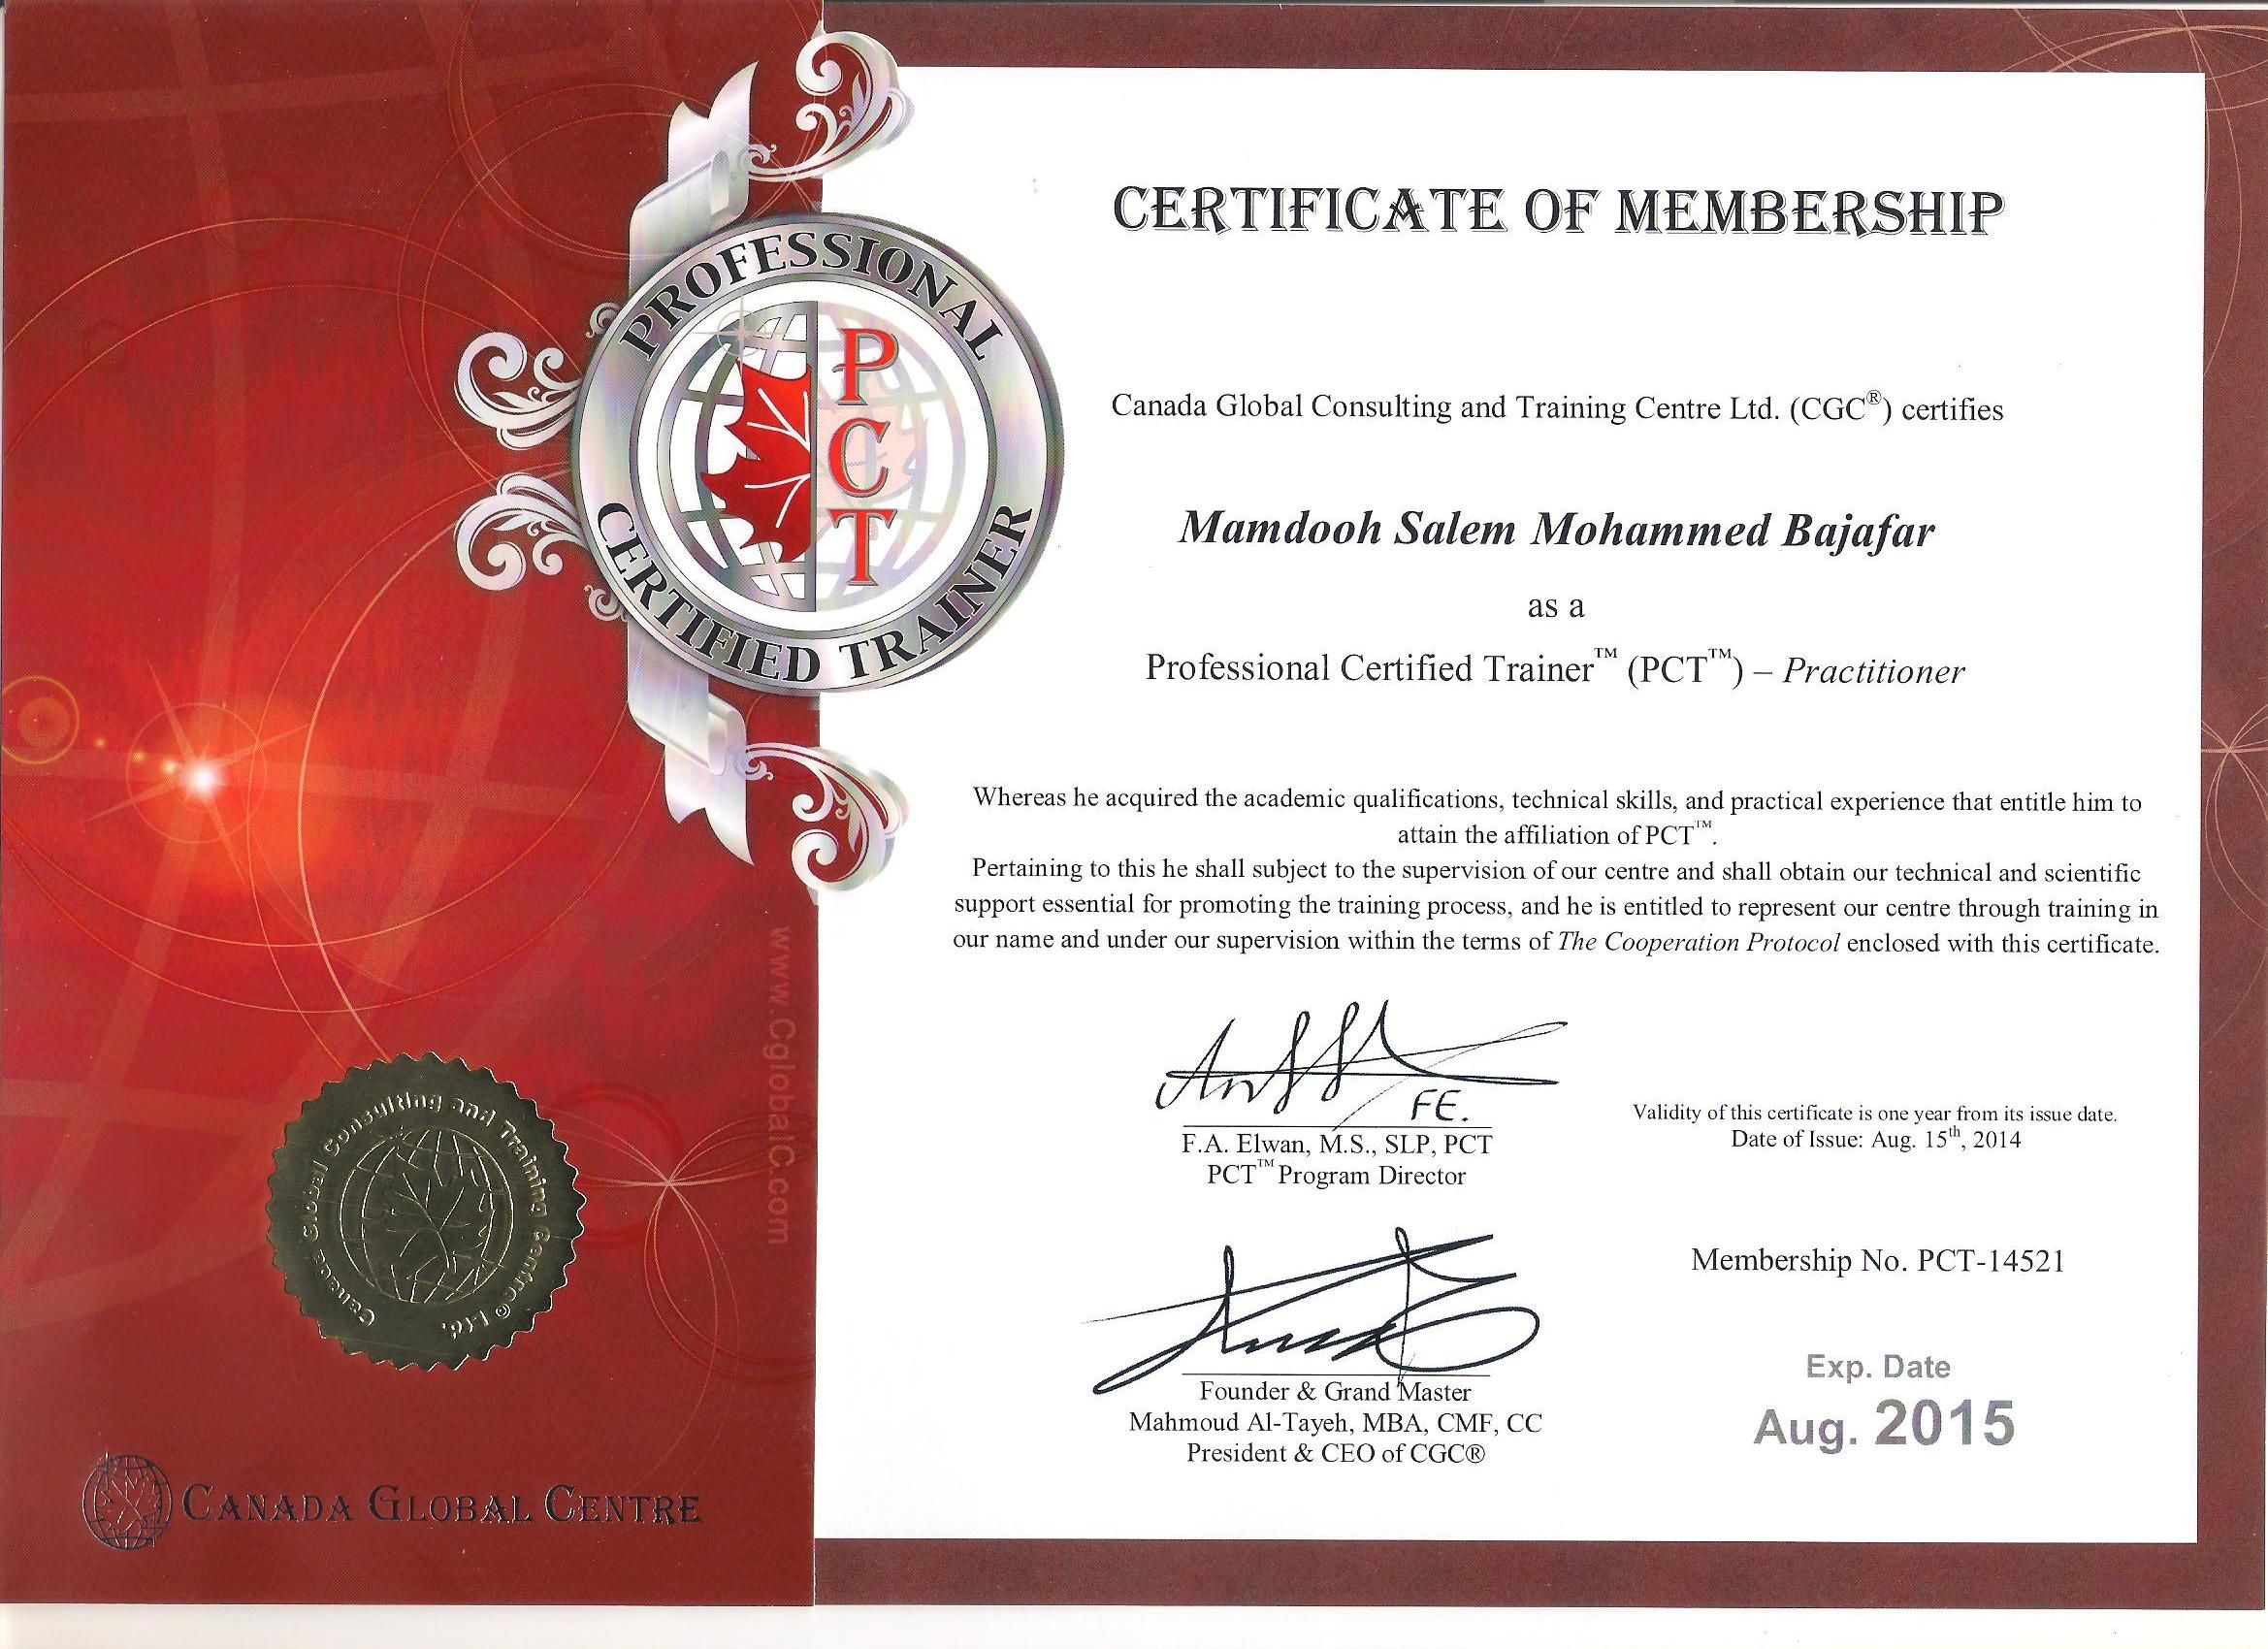 الآن مدرب معتمد من برنامج المدرب المحترف المعتمد Pct من المركز العالمي الكندي Training Center Certified Trainer Qualifications